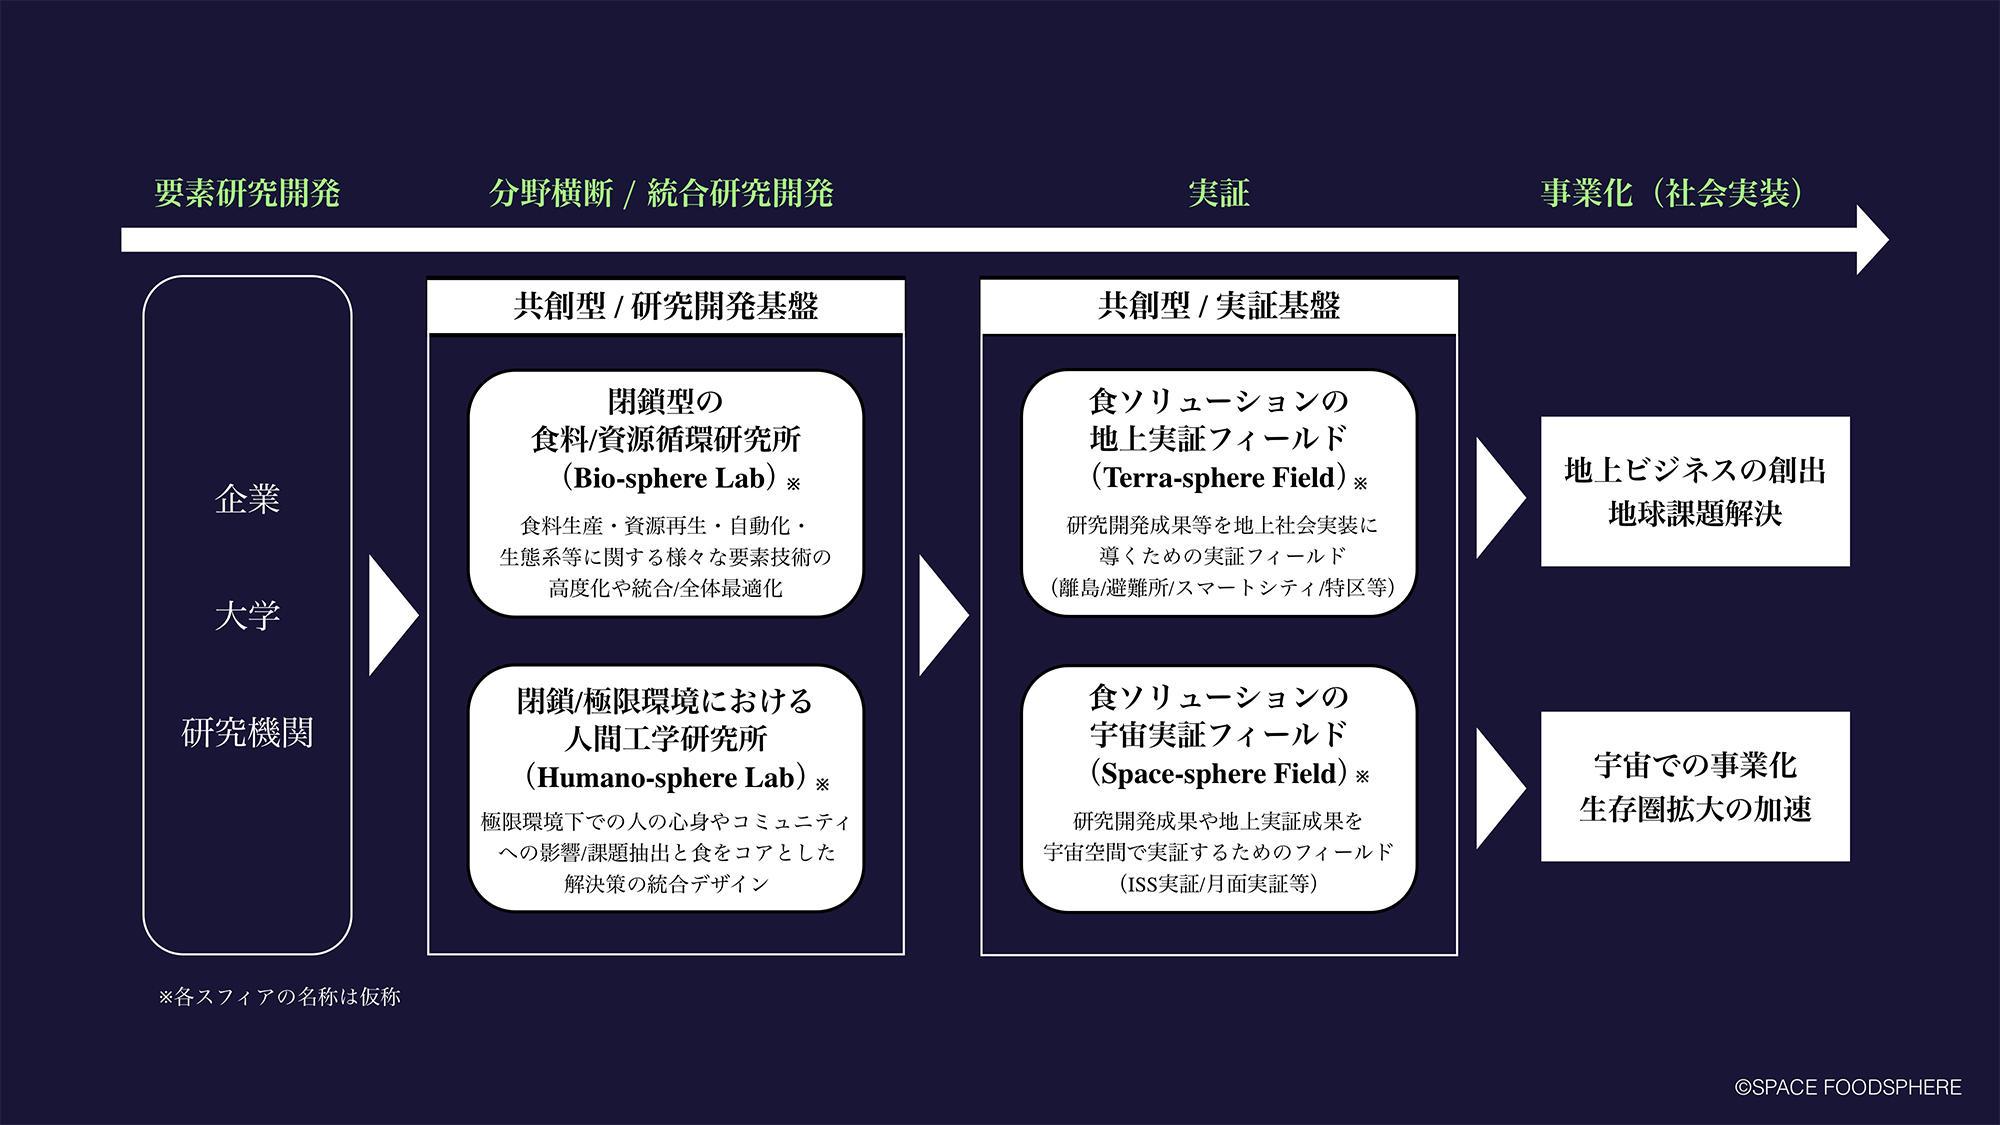 図6. 4つのスフィア構想